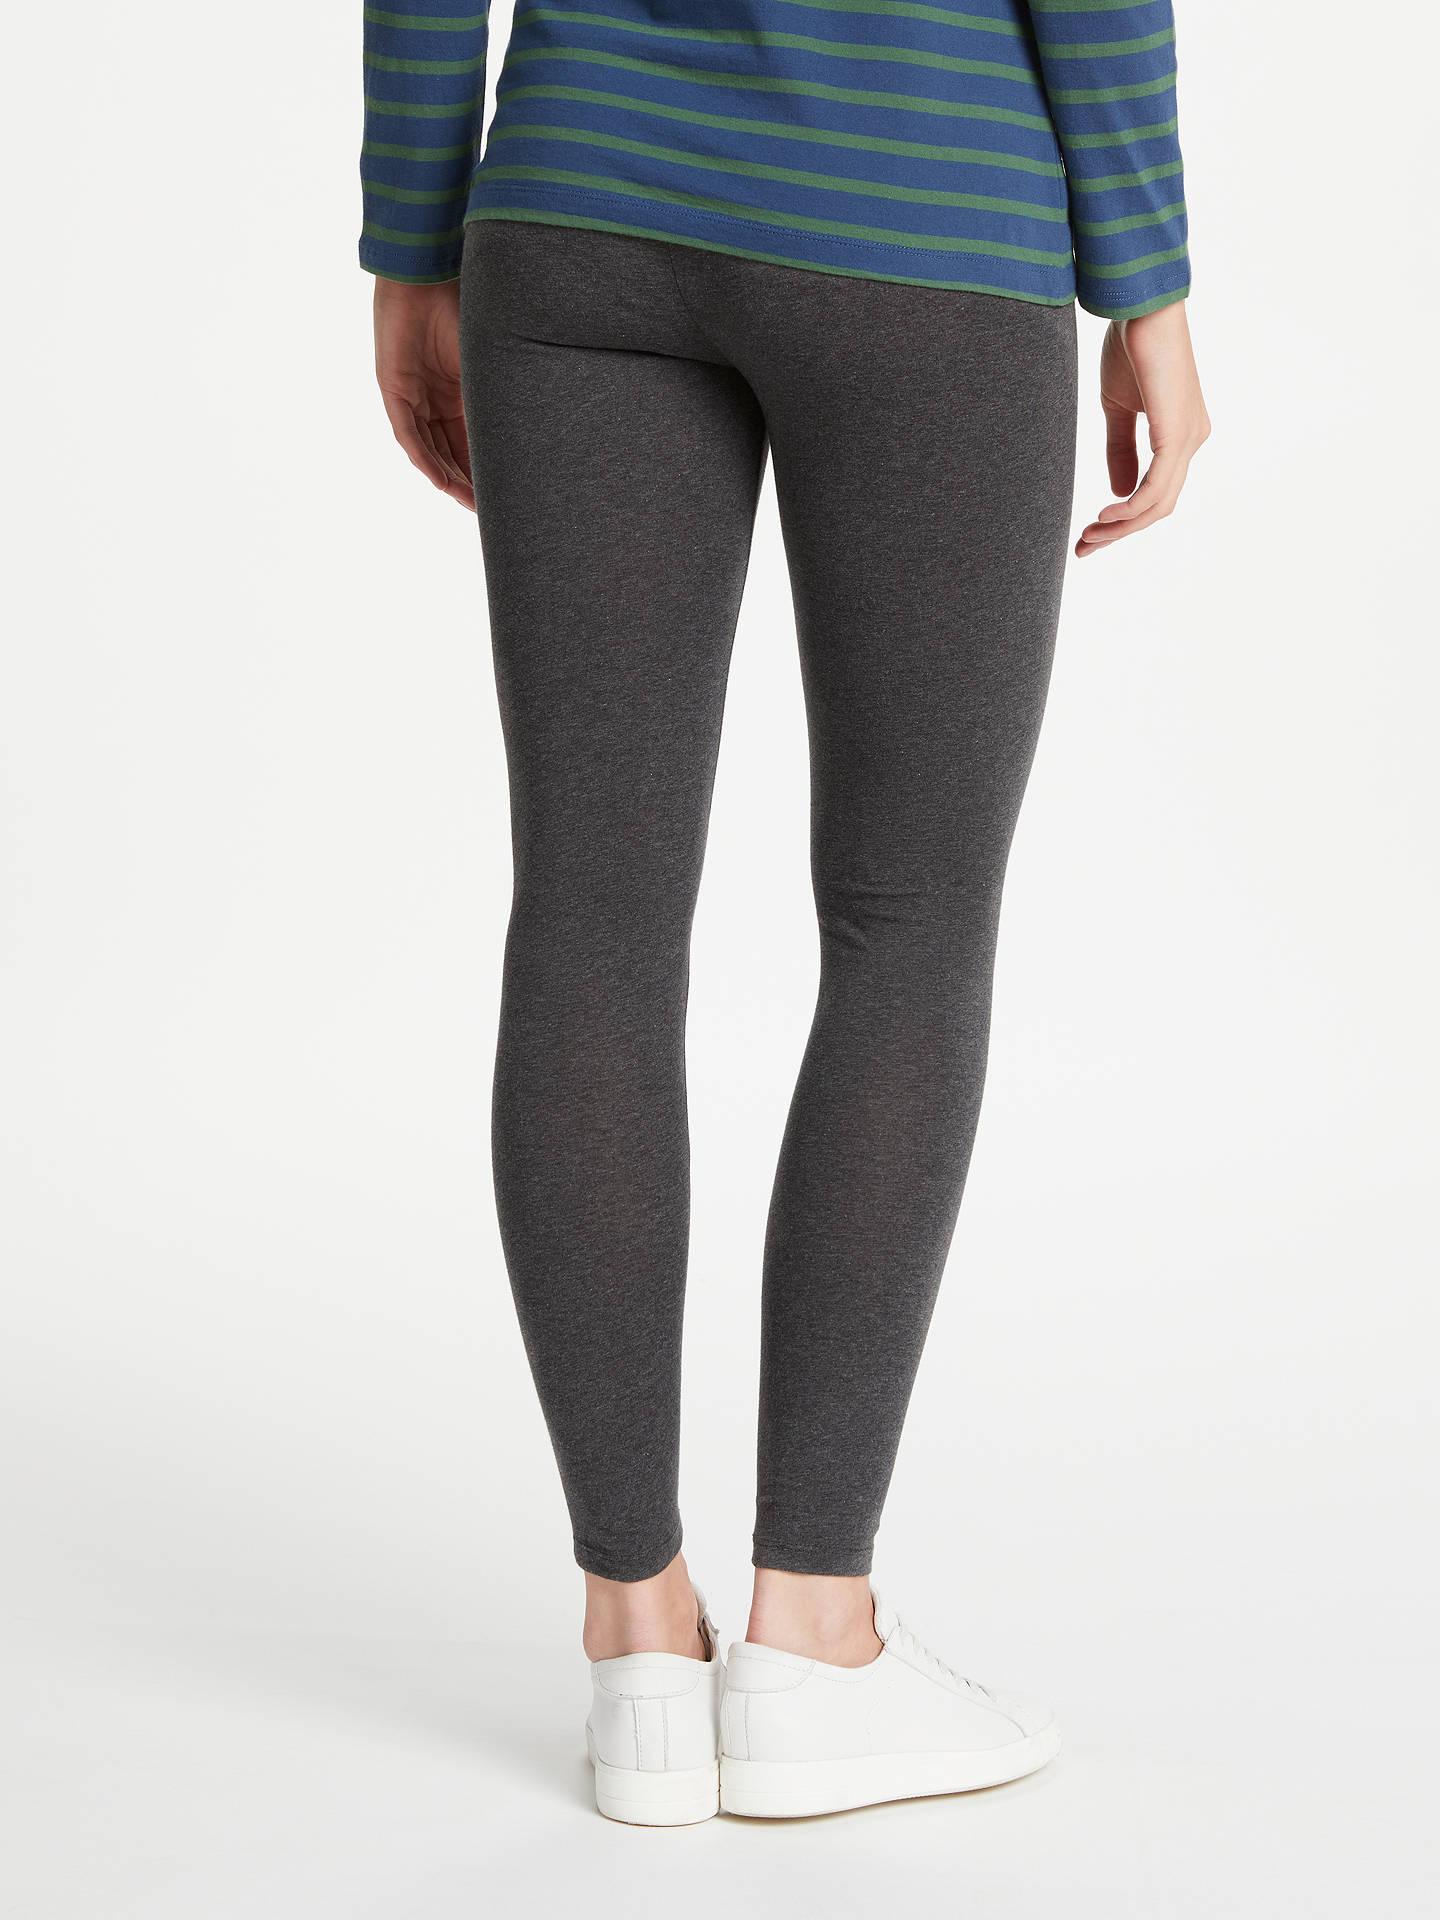 f6189d4938cc ... Buy Seasalt Sea-Legs Leggings, Charcoal, 8 Online at johnlewis.com ...